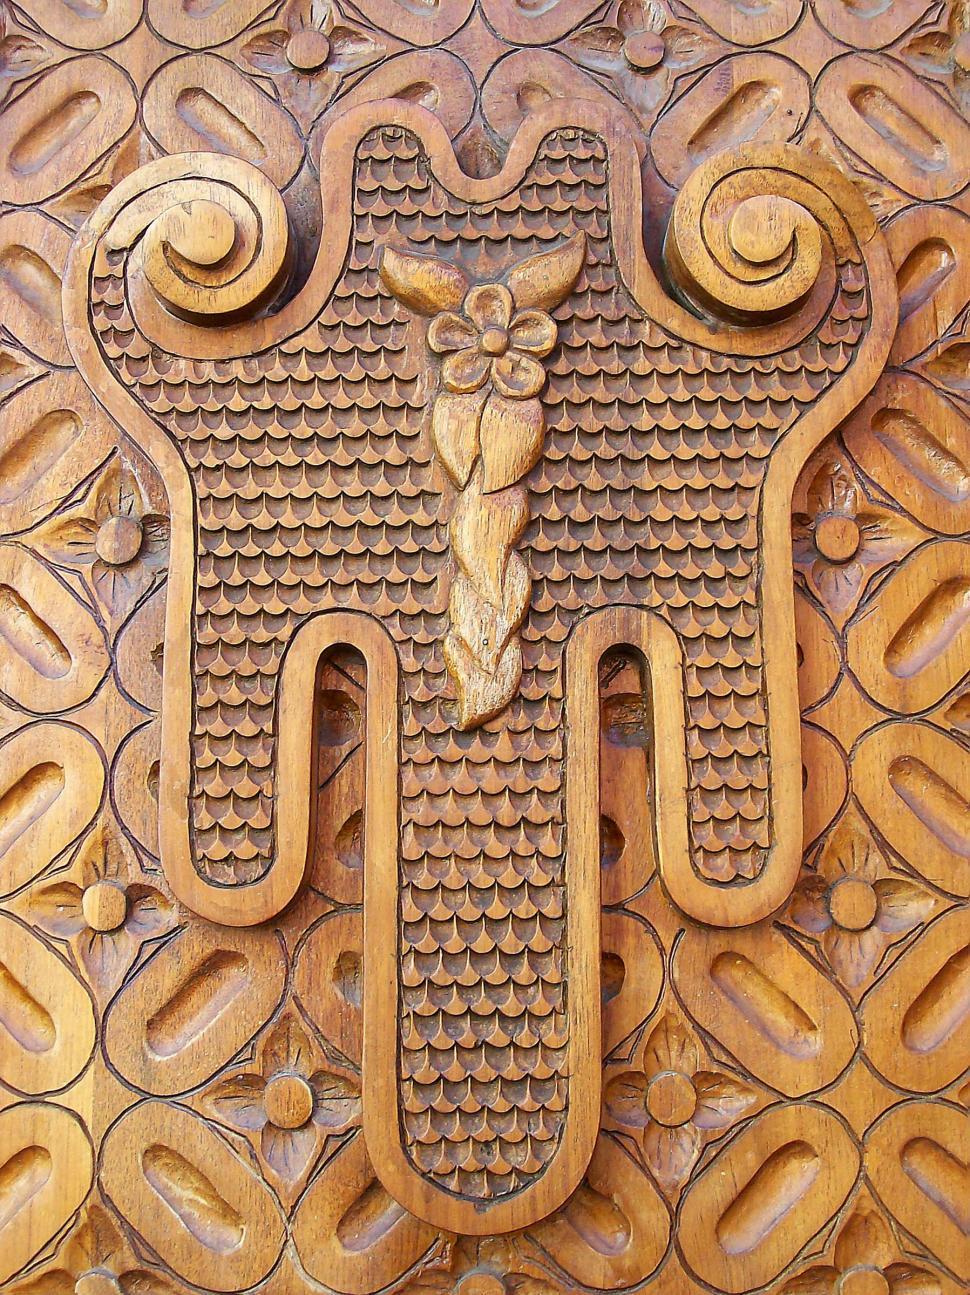 Download Free Stock HD Photo of Ornate Wooden Door Online